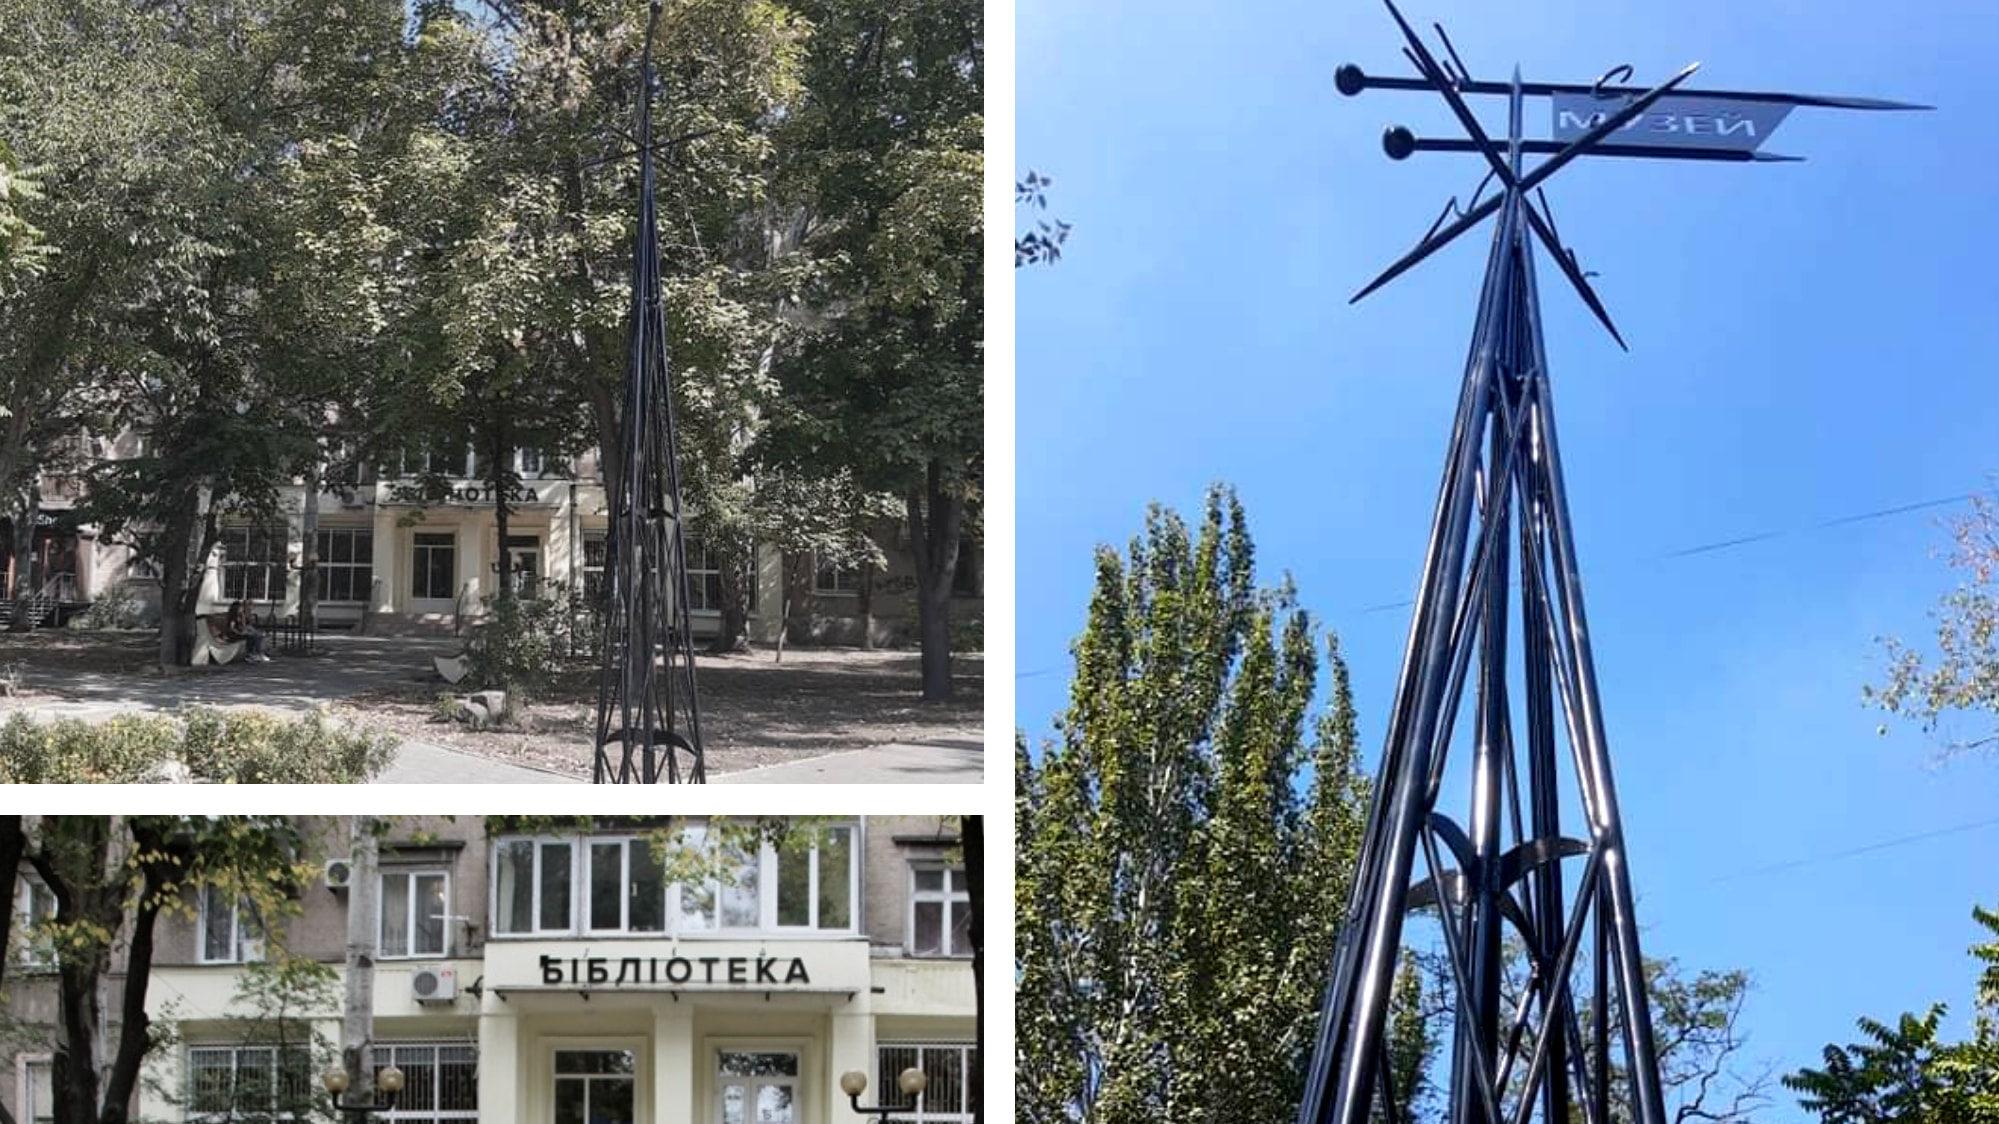 Наступного тижня в Запоріжжі відкриють новий музей